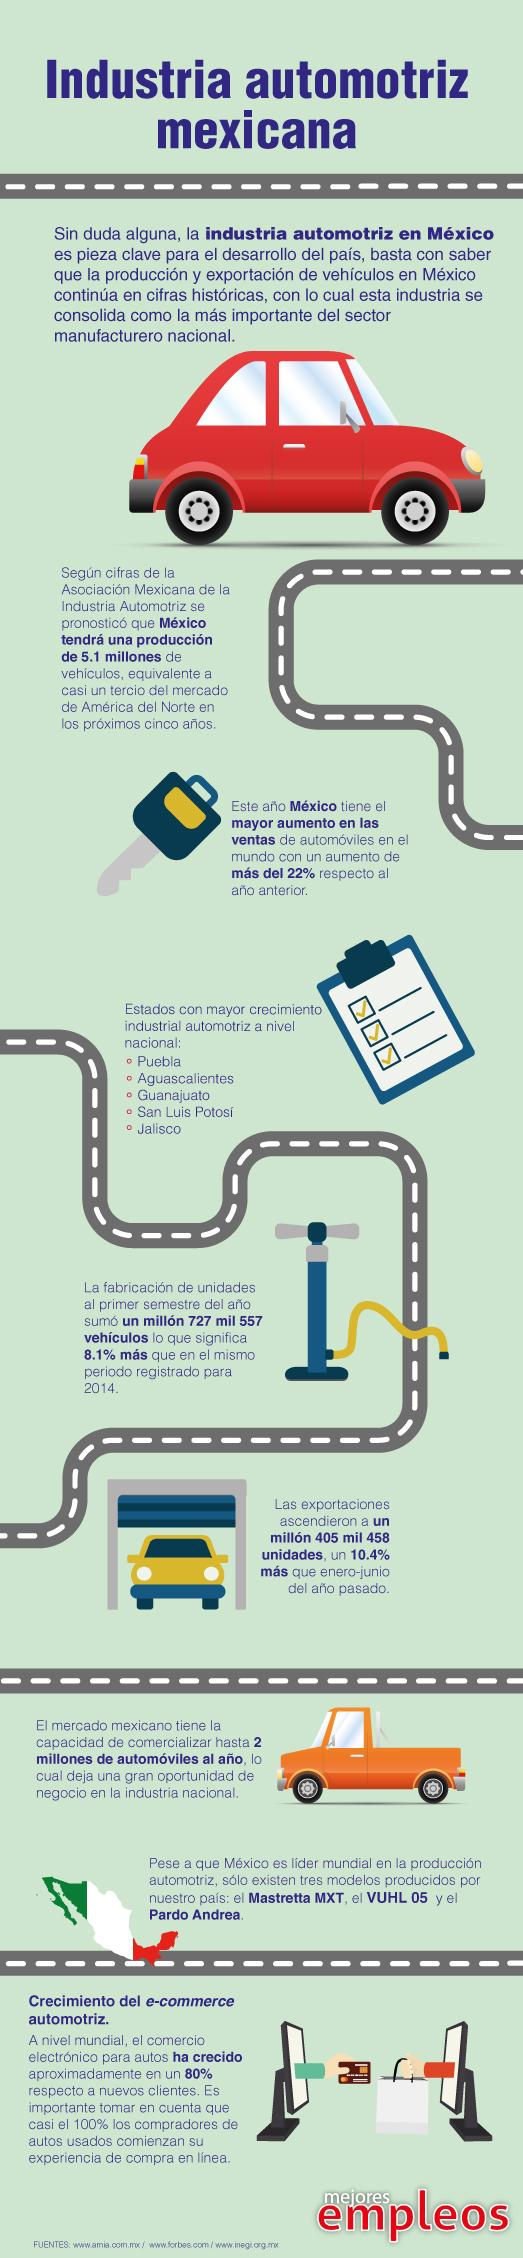 Industria-Automotriz-MexicanaWEB